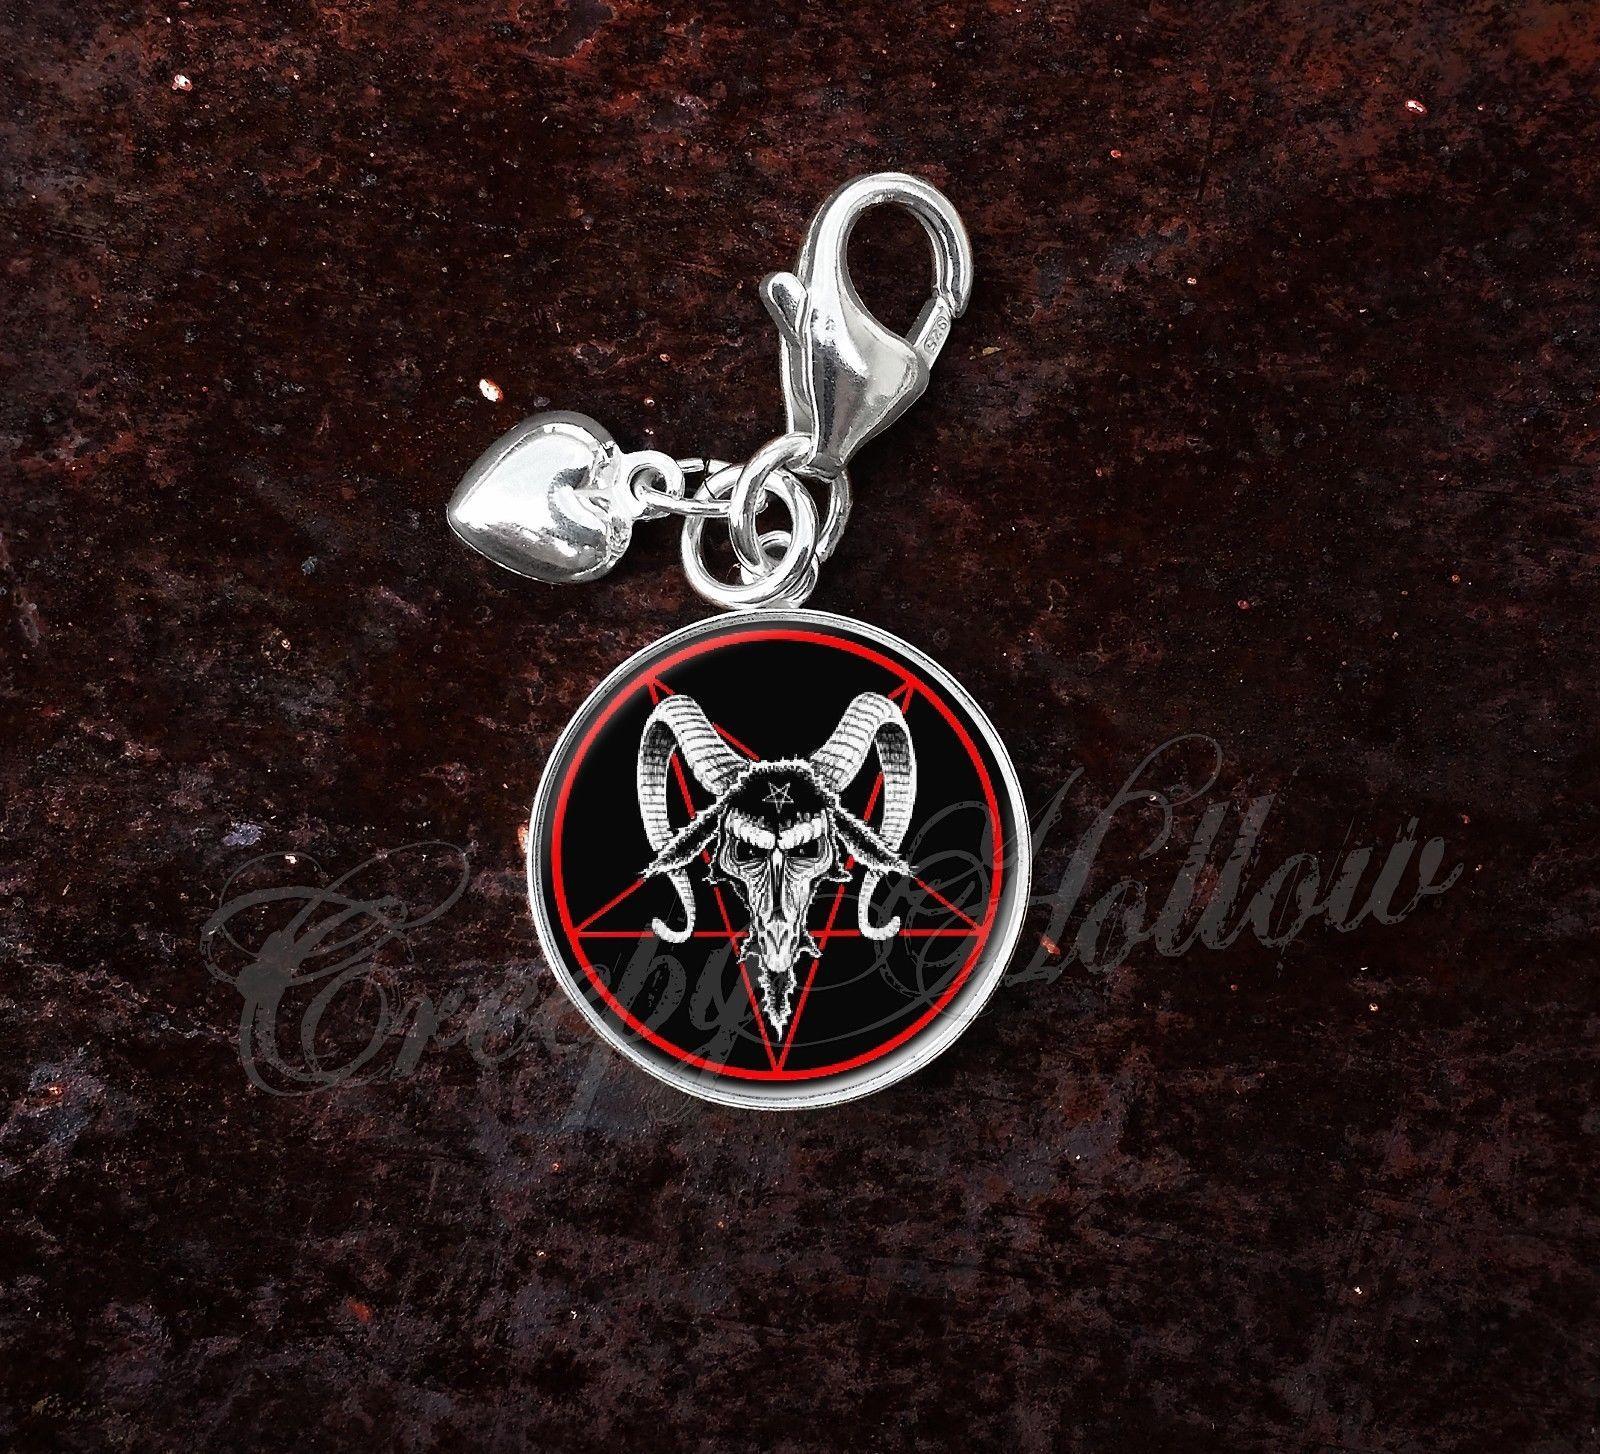 925 Sterling Silver Charm Baphomet Pentagram Devil Satanism